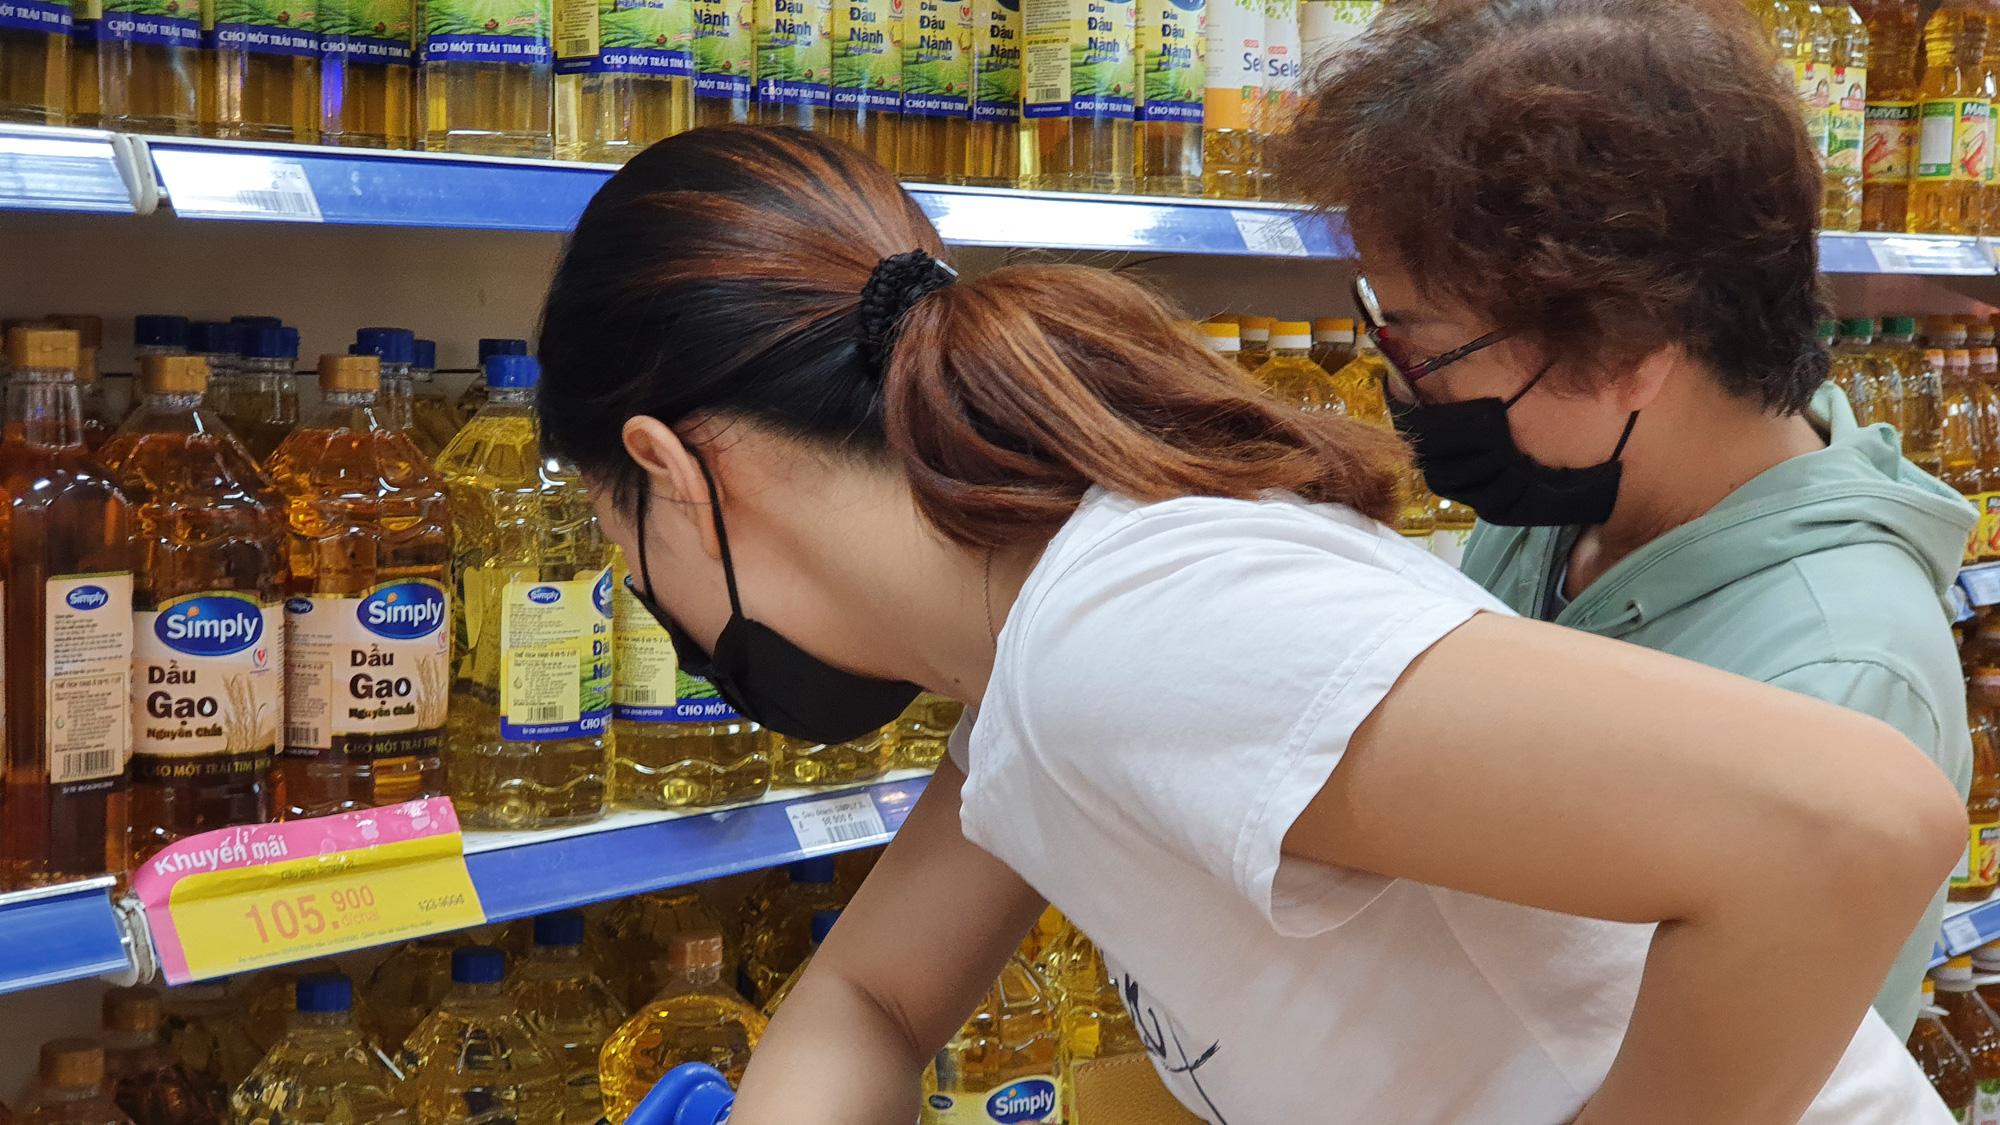 Sợ siêu thị đóng cửa, bị rủ rê… người Sài gòn kéo nhau đi mua đồ về trữ cho 14 ngày cách li xã hội - Ảnh 10.